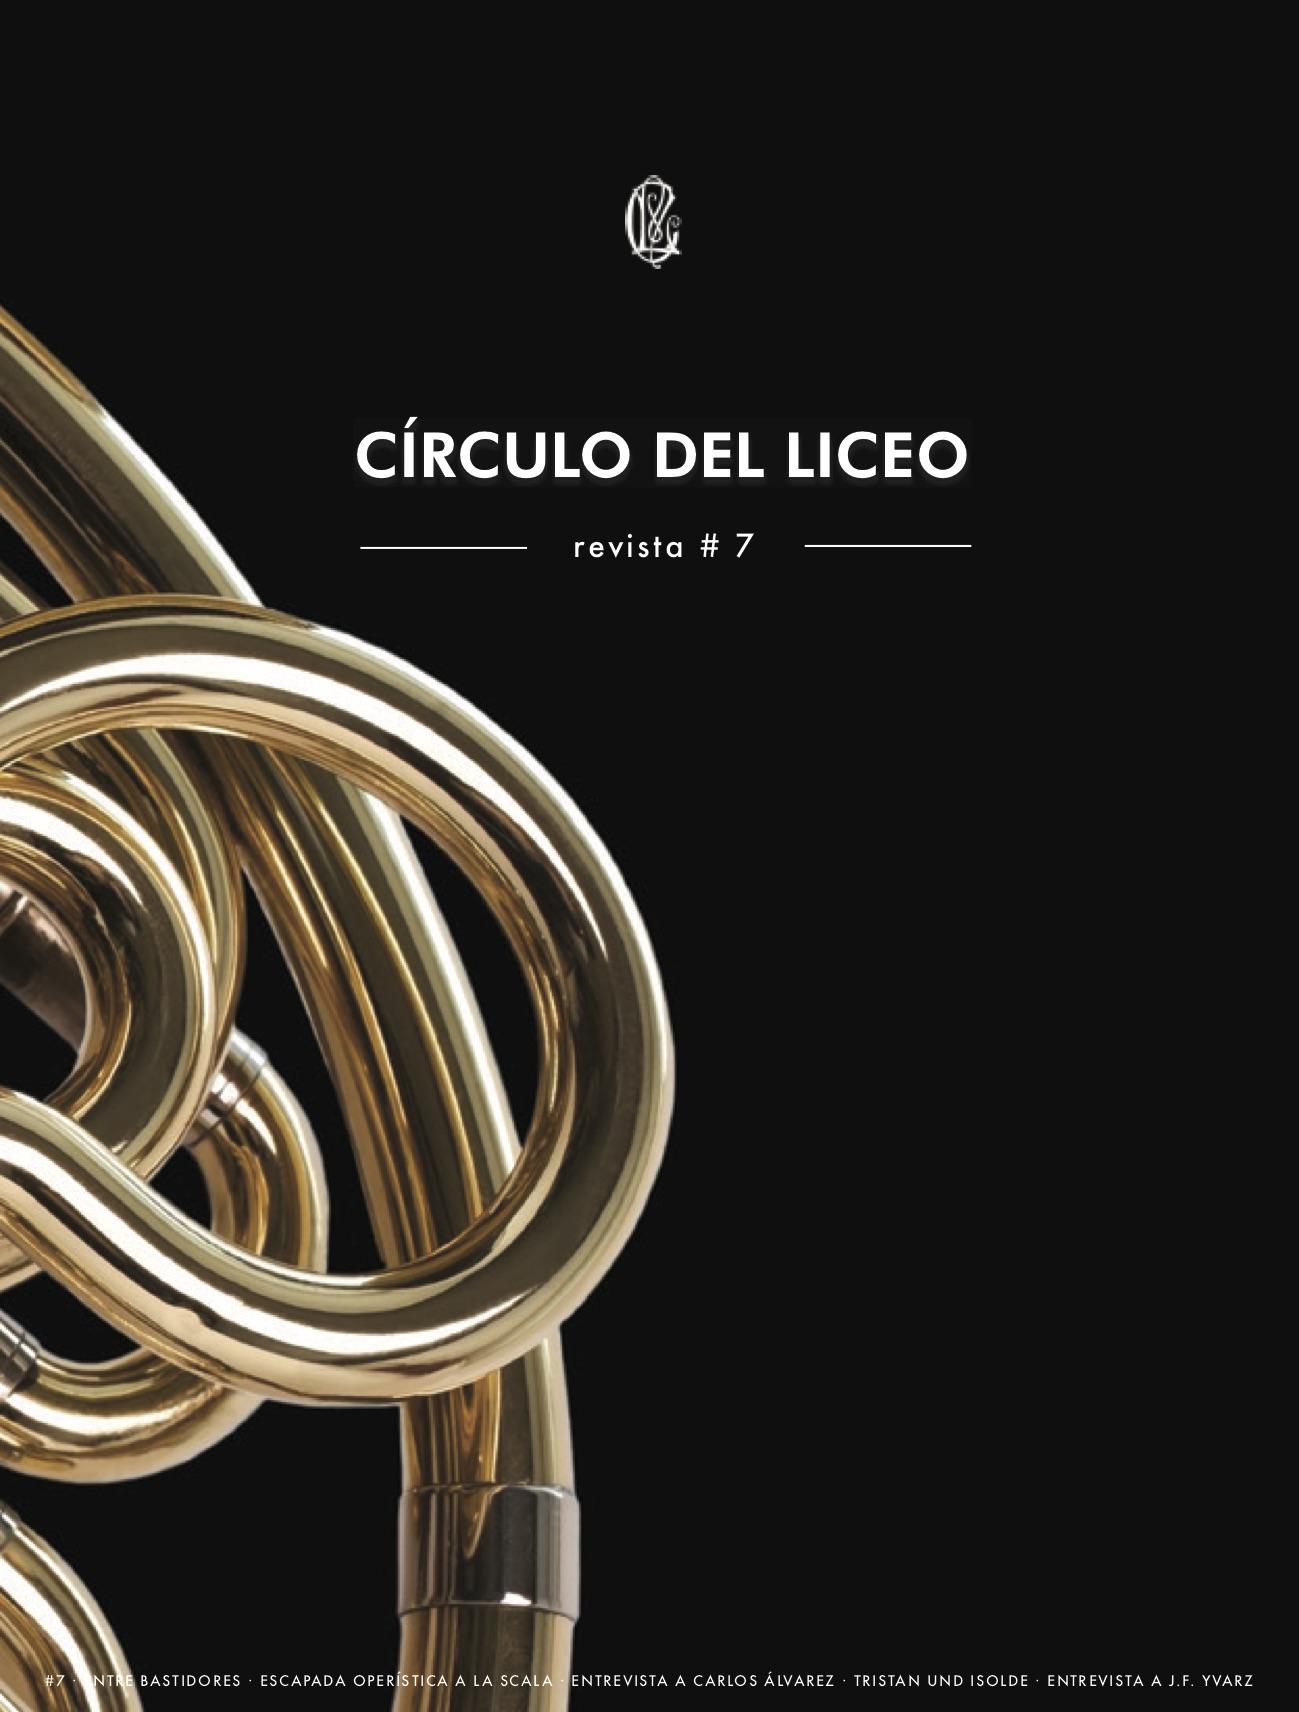 CIRCULO DEL LICEO 7 copia